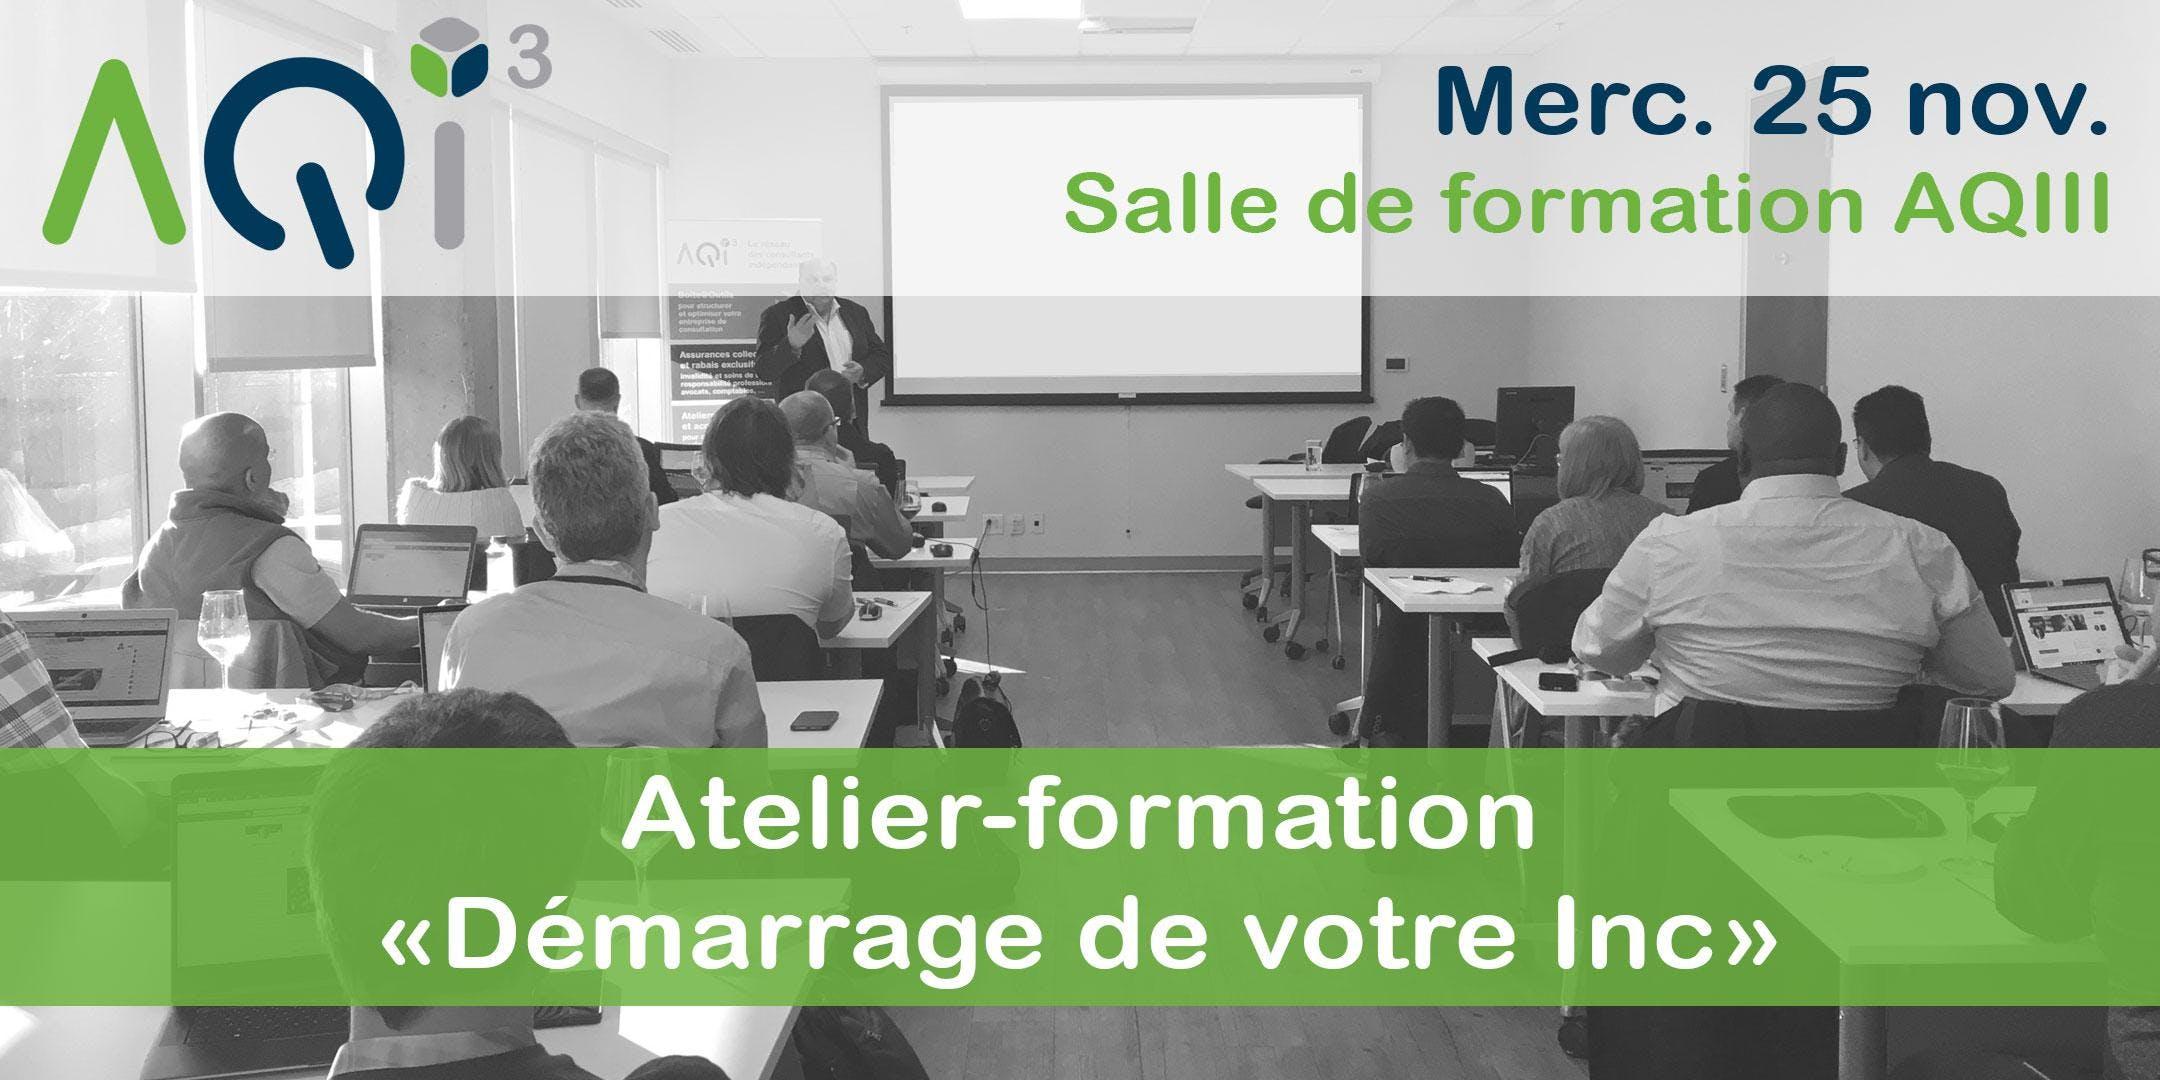 Atelier-formation Démarrage de votre Inc - Montréal